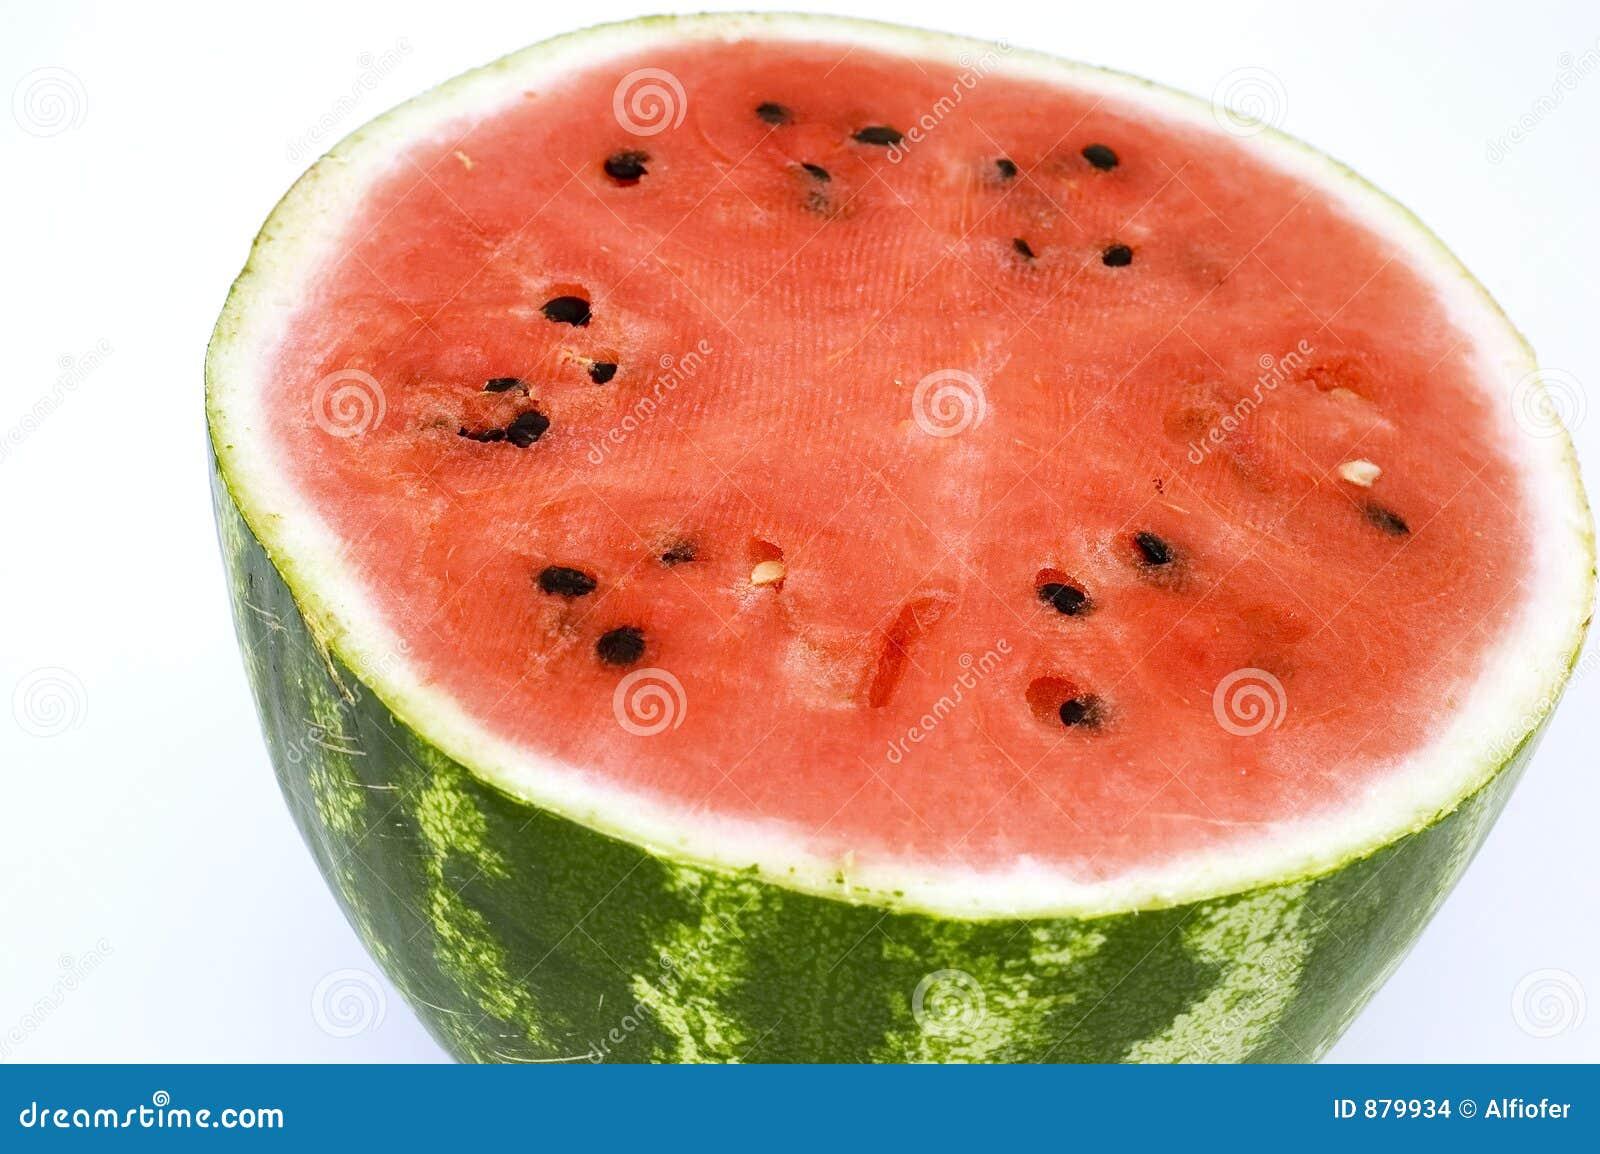 Melon przeciwpożarowe